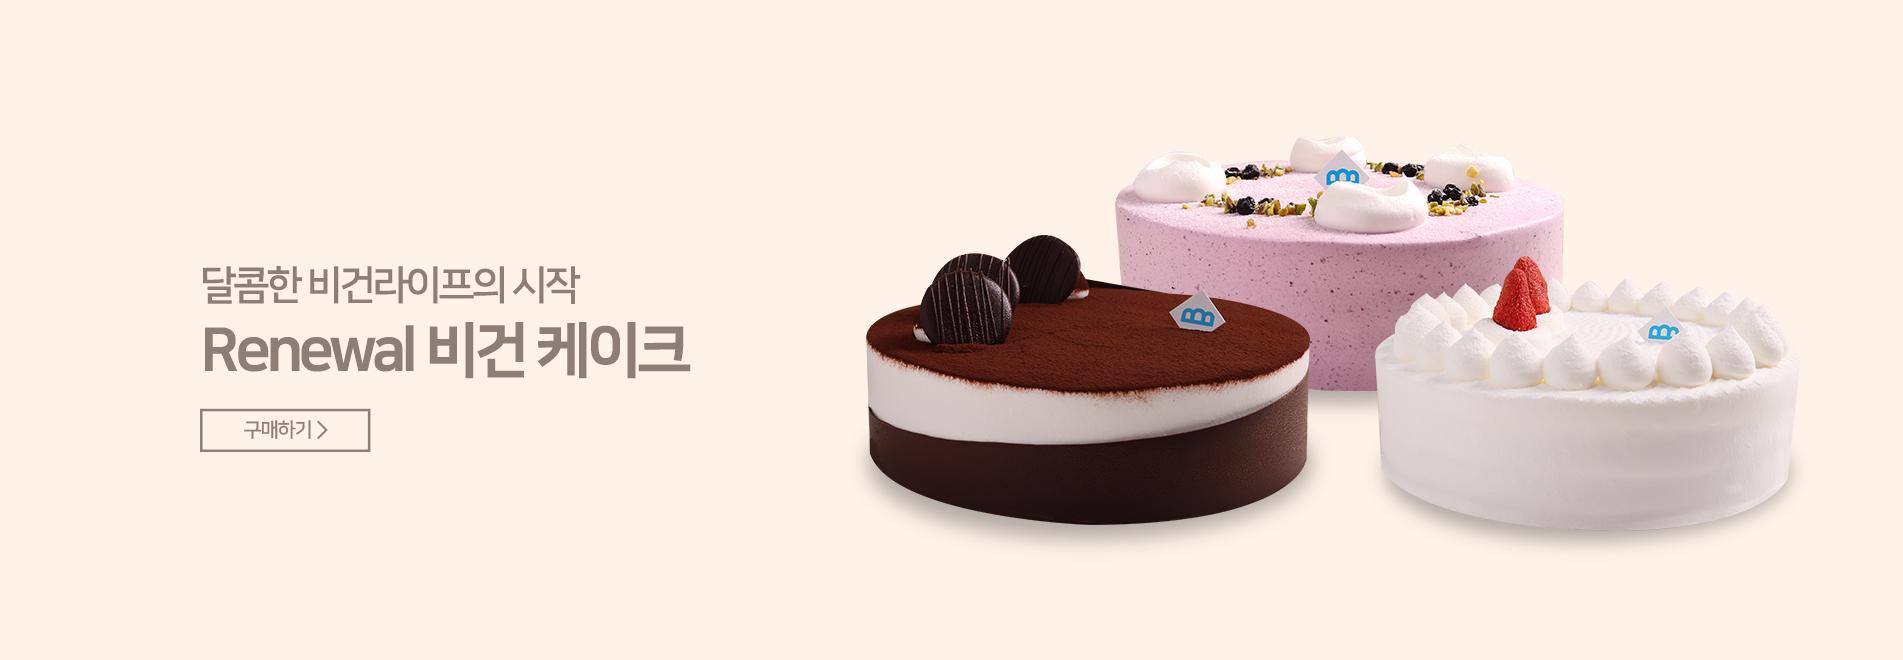 케이크3종